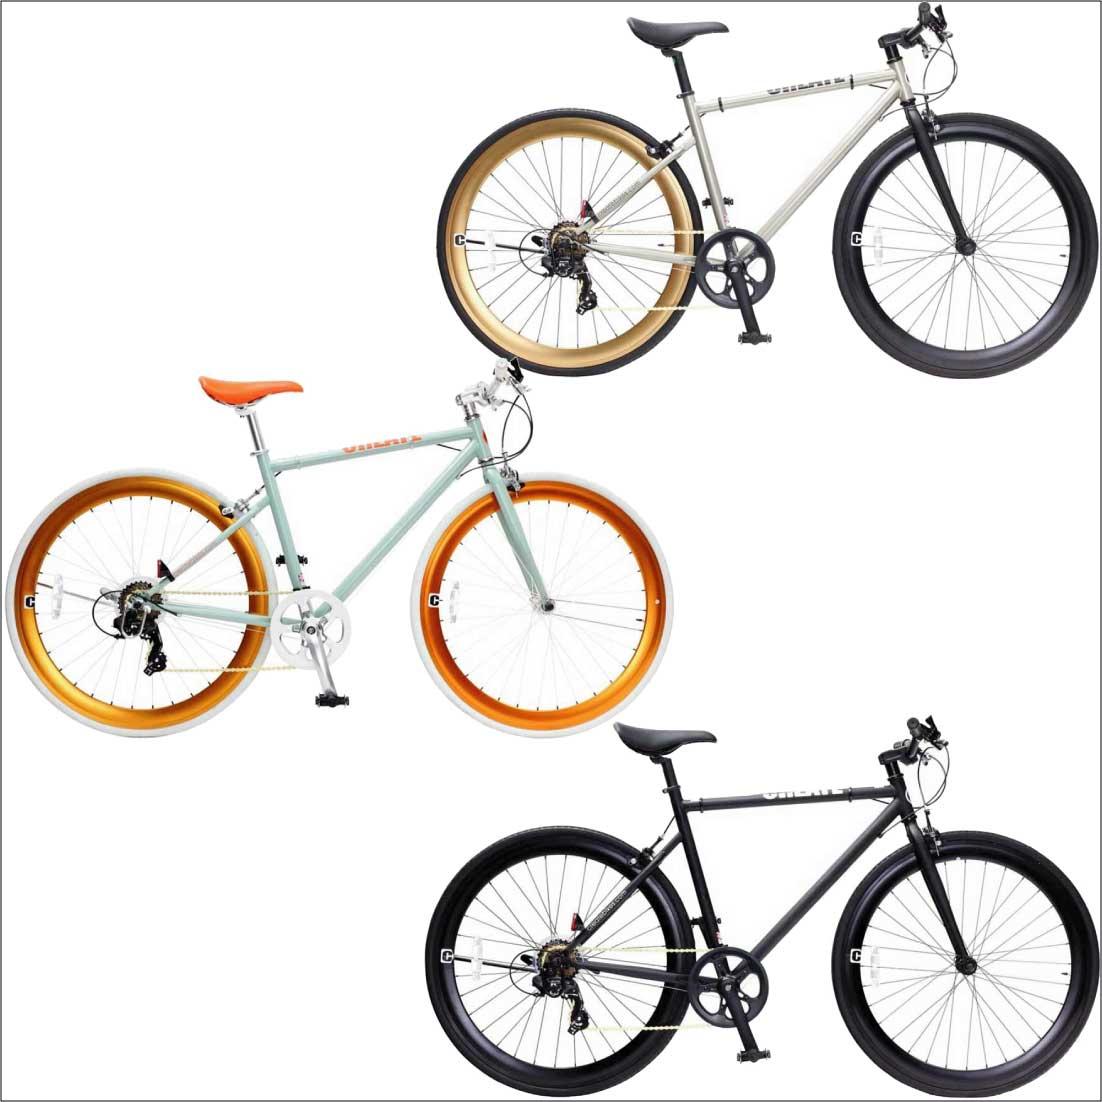 クロスバイク 700C 7段変速 ディープリム クロスバイク ロードバイク おしゃれ 自転車 通勤 通学 CREATE C-310 メンズ レディース